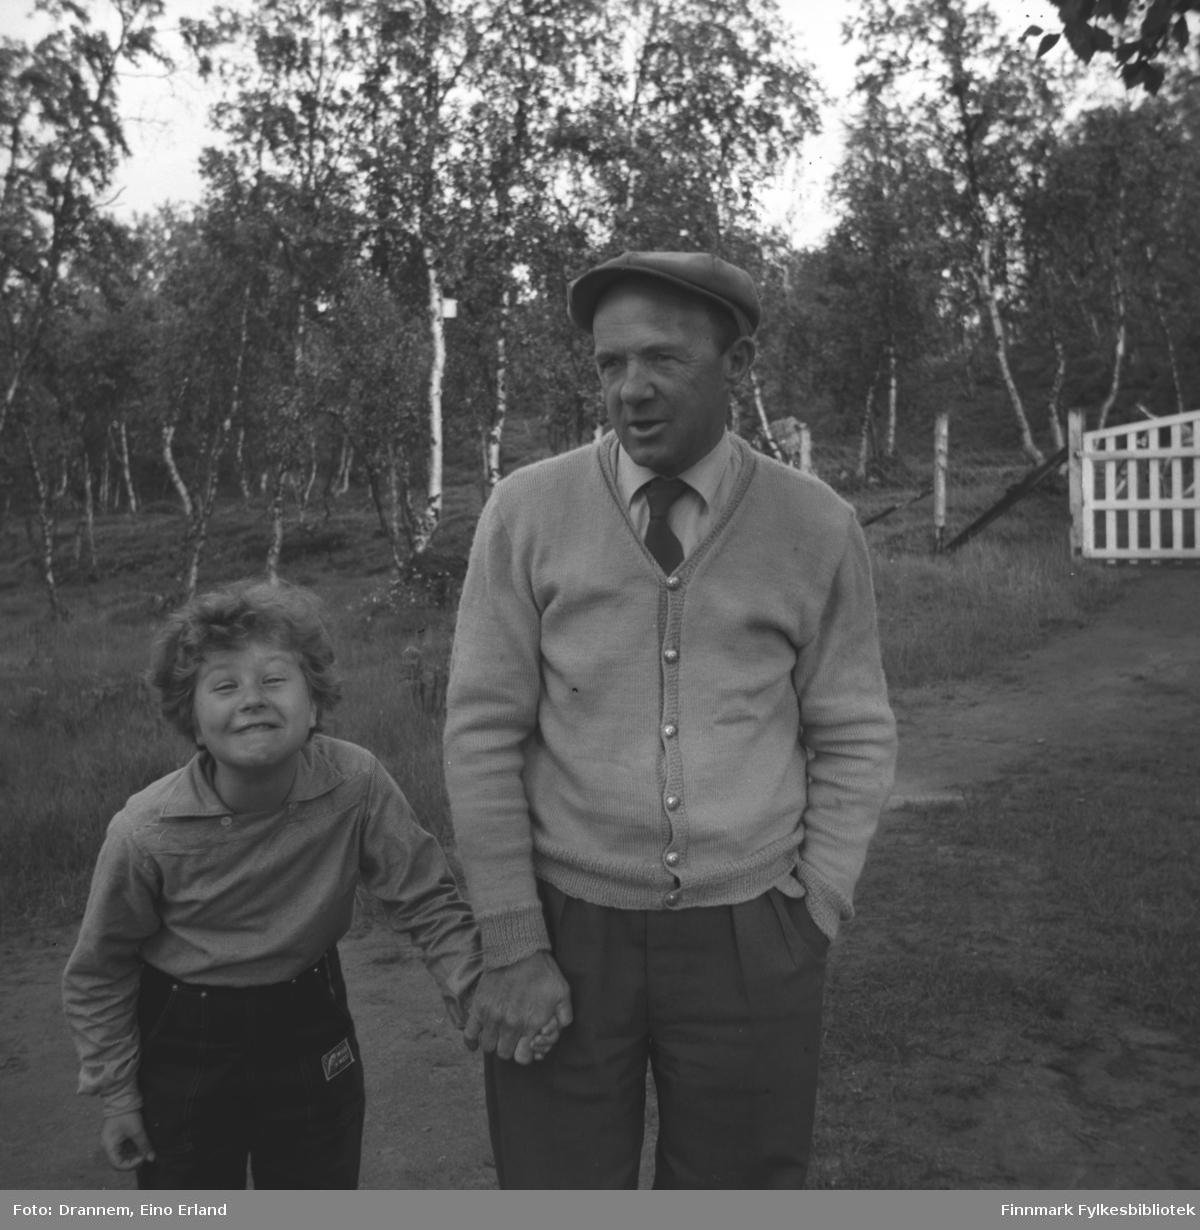 Turid Lillian fotografert sammen med Oddmund Vorren i Neiden. Bildet er tatt på eiendommen til Helge Karikoski.